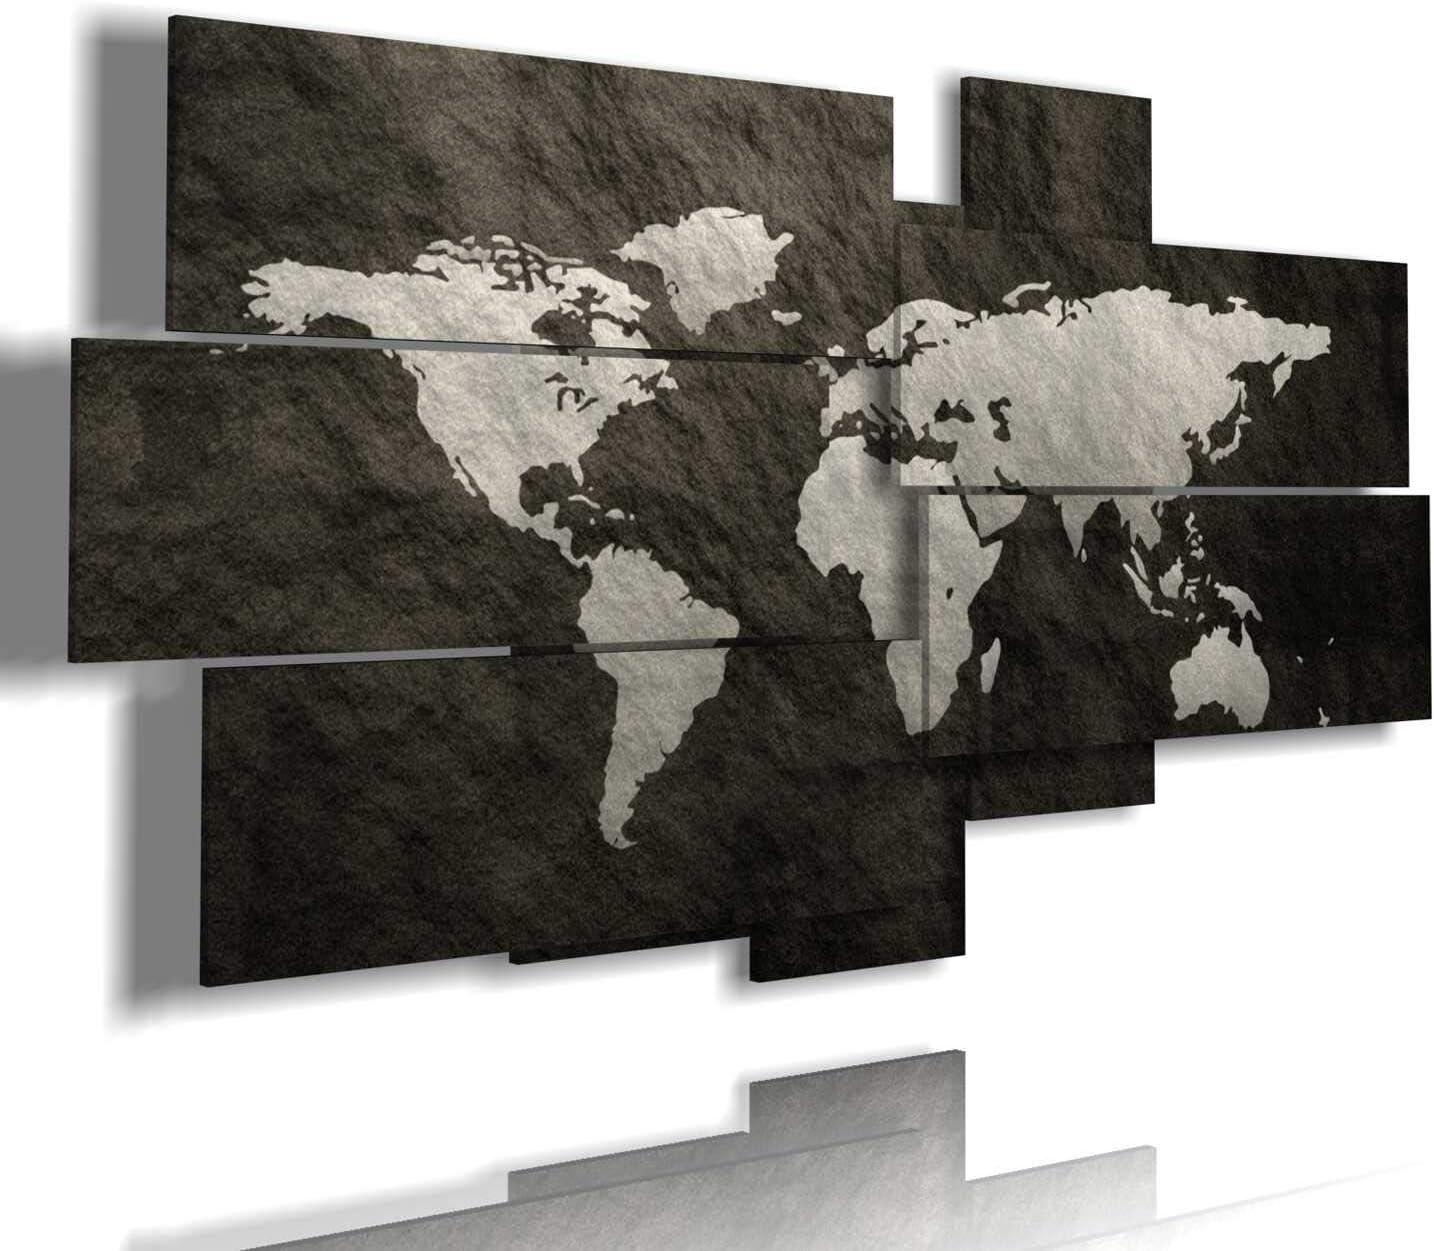 Cartina Mondo Quadro.Duudaart Quadro Cartina Geografica Mondo Moderno 3d Multilivello Quadri Per Ufficio Etnici Amazon It Casa E Cucina